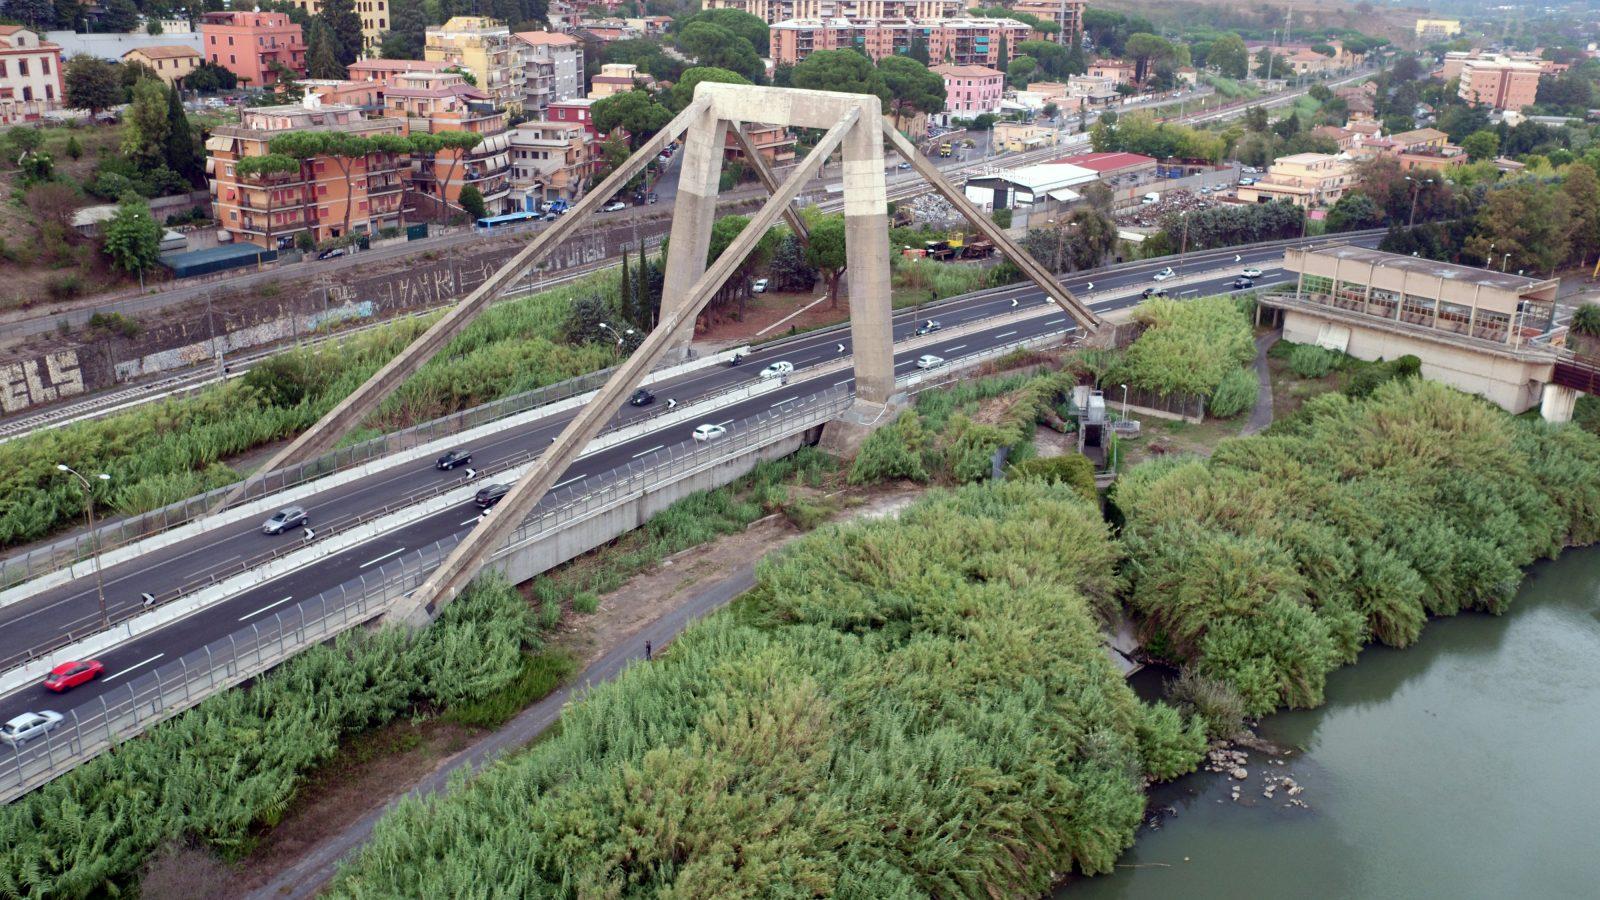 """Autostrada Roma - Aeroporto di Fiumicino, Viadotto """"Morandi"""" (Archivio storico Anas,2012)"""